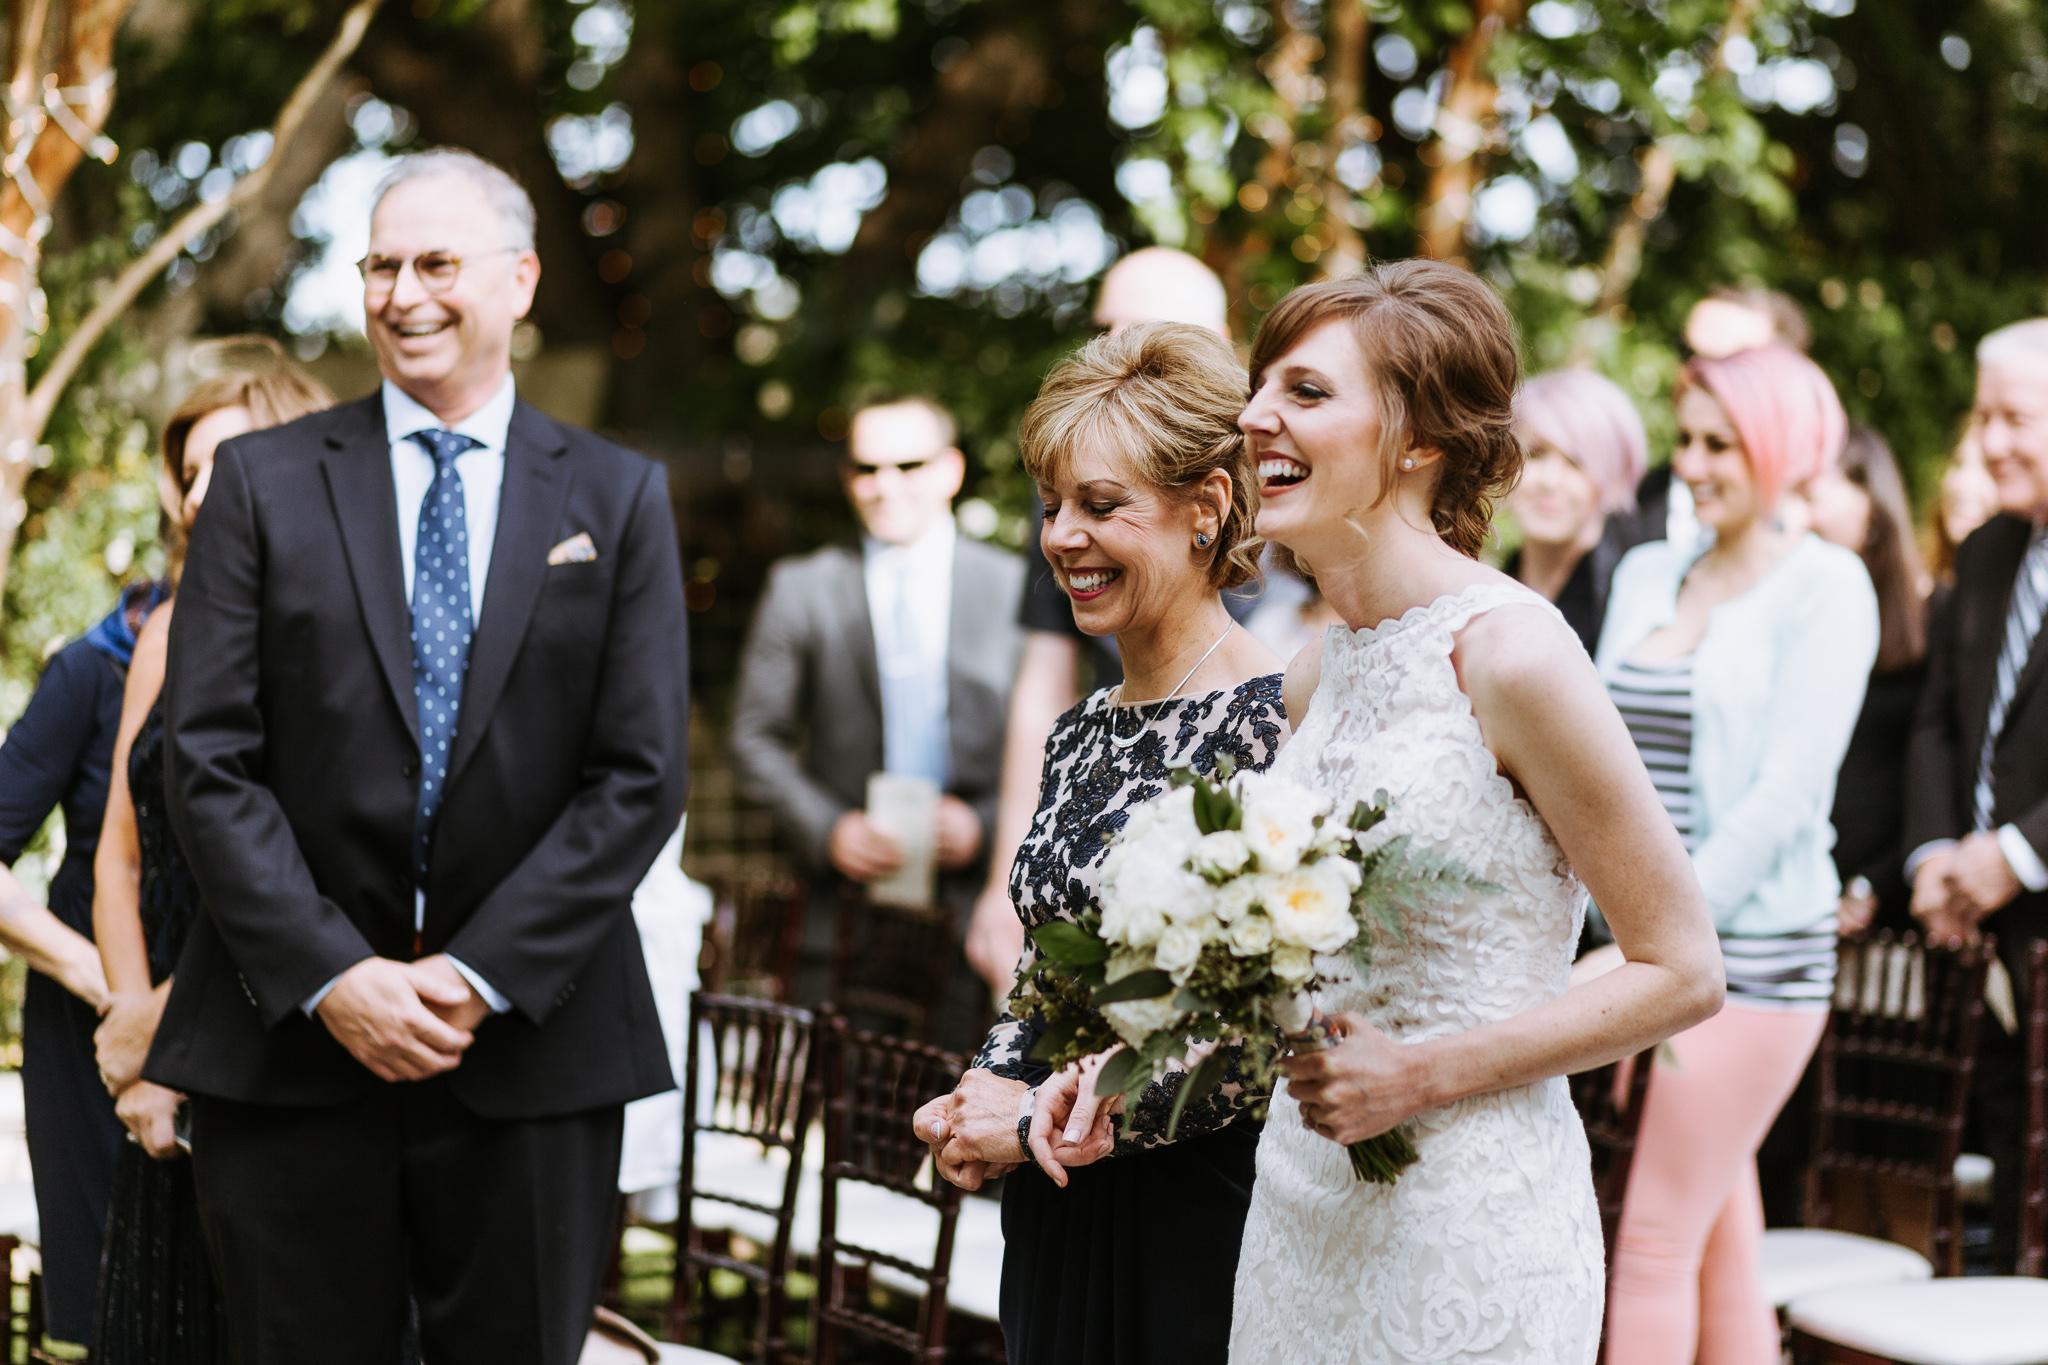 BayArea-Wedding-Photographer-40.jpg